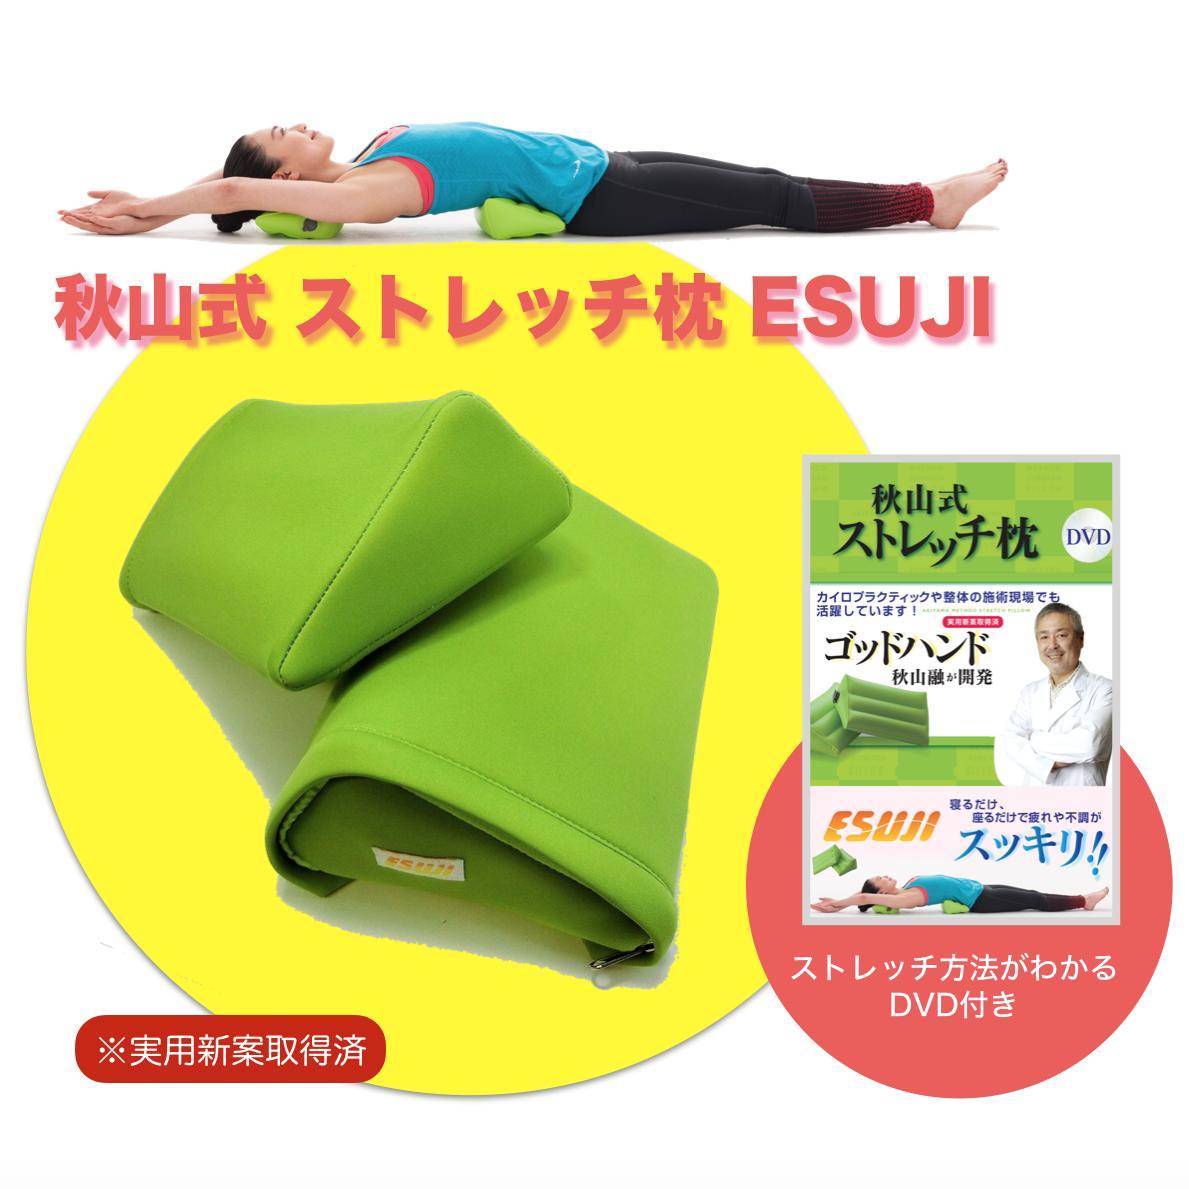 【期間限定1980円オフ】秋山式ストレッチ枕『ESUJI(エスジ・S字)』(枕・DVD・解説本セット)